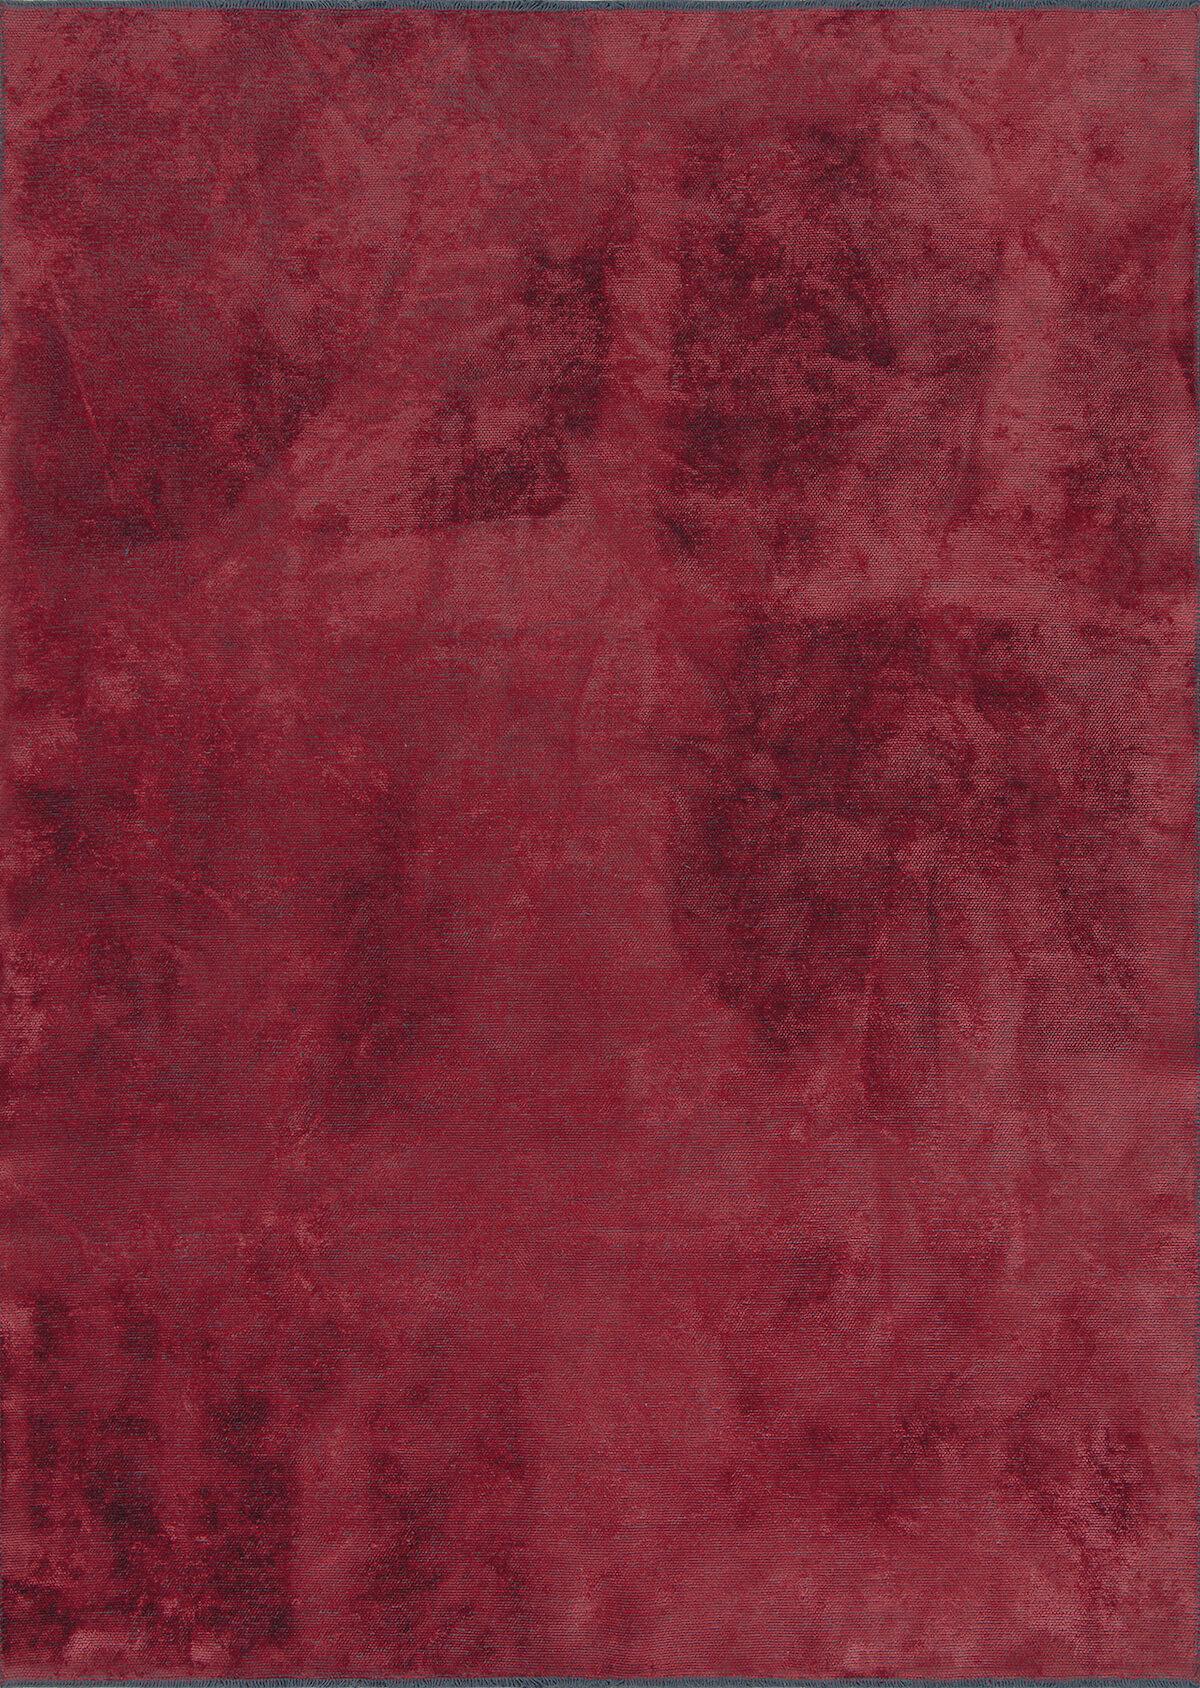 PALERMO KİLİM 5408 KIRMIZI Mutfak Kilim Dekoratif Kilim